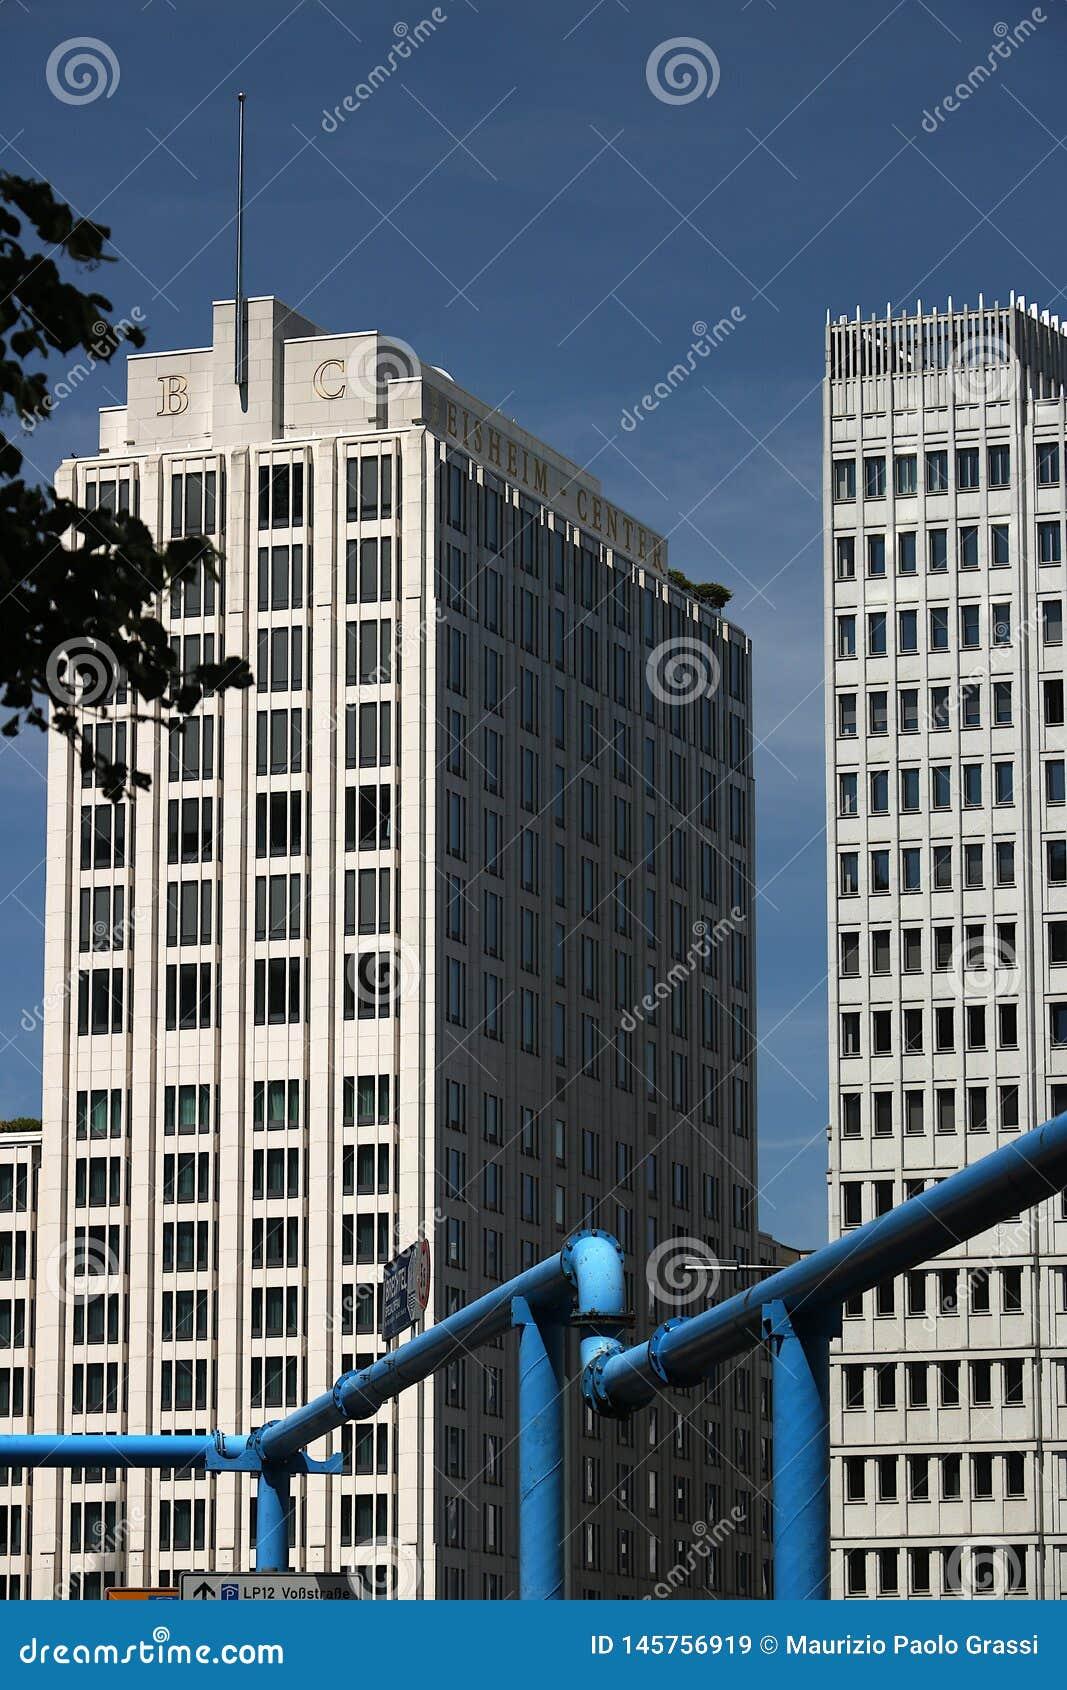 Berkshires 06/14/2018 Skyskrapor p? Potsdamer Platz I förgrunden ett blått rör